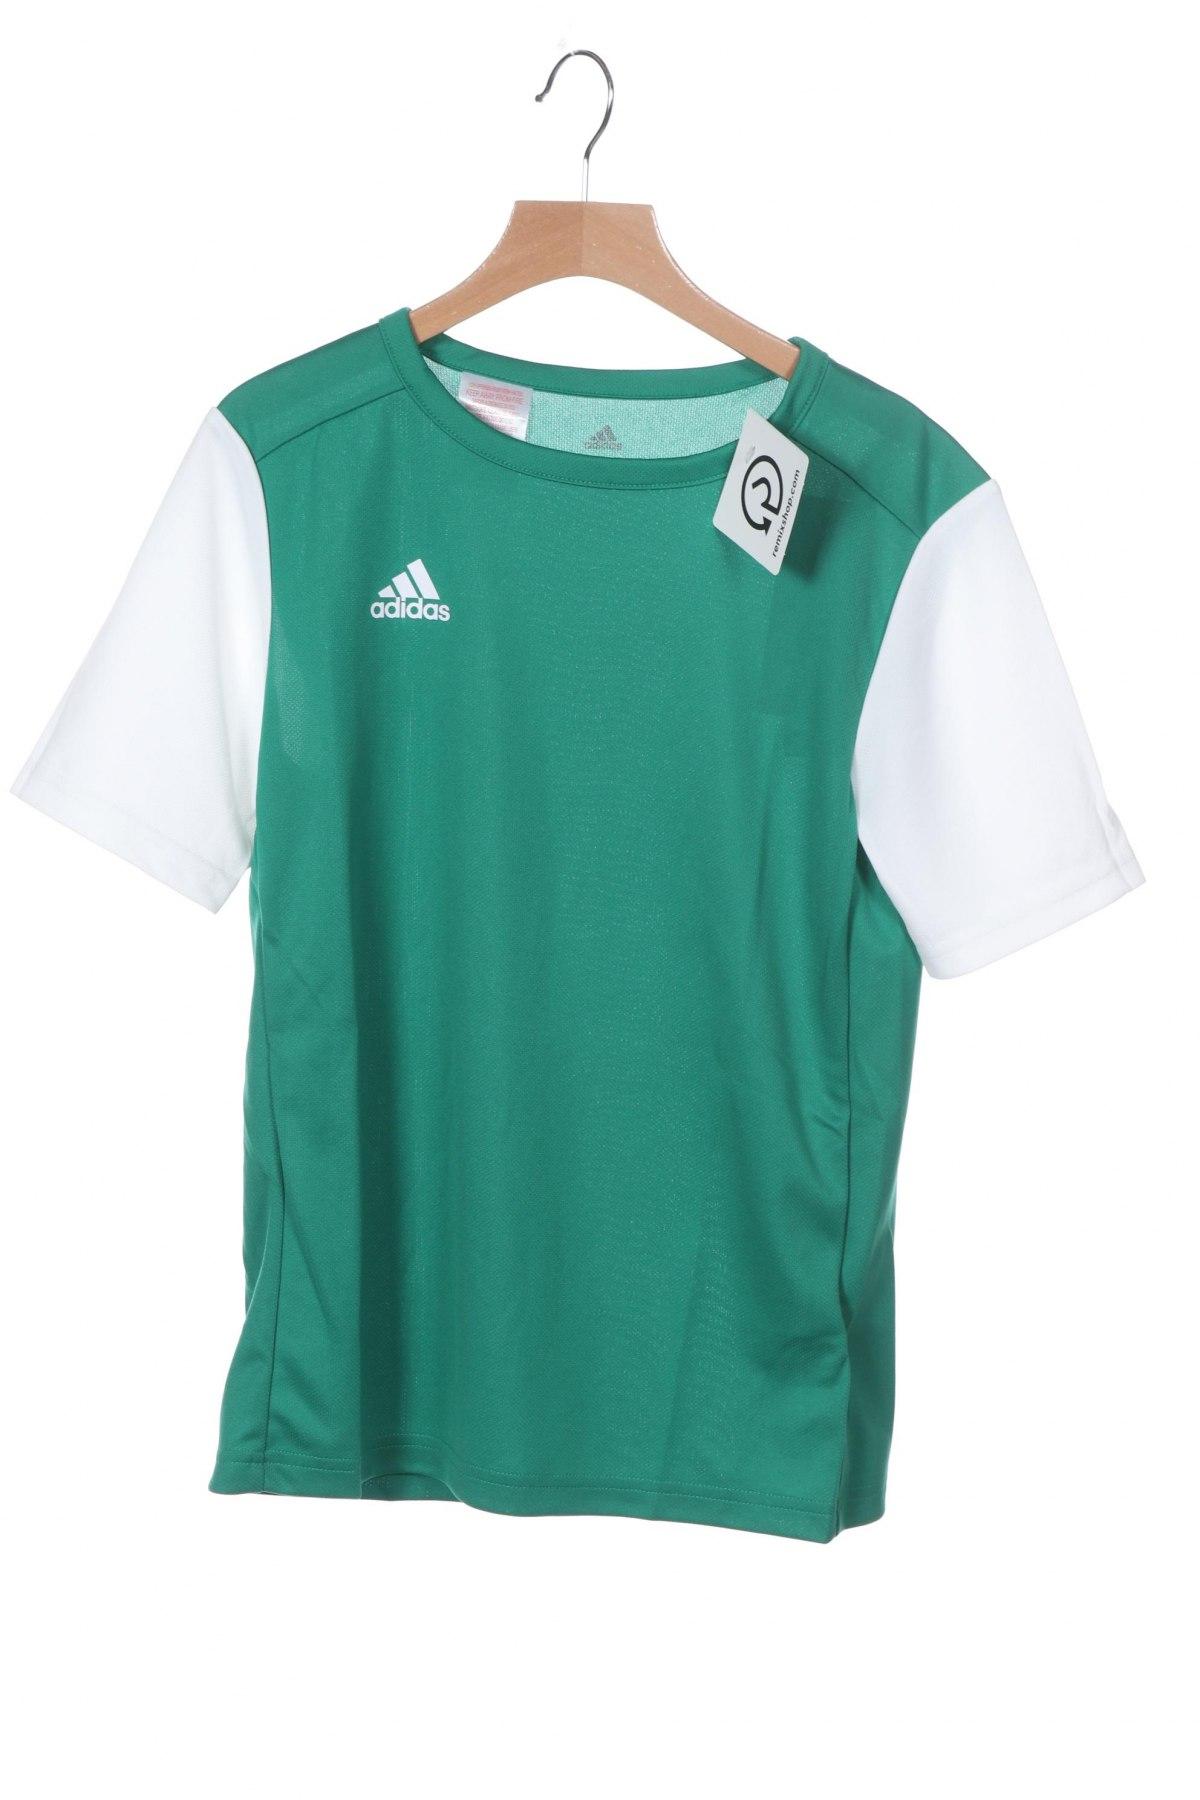 Παιδικό μπλουζάκι Adidas, Μέγεθος 11-12y/ 152-158 εκ., Χρώμα Πράσινο, Πολυεστέρας, Τιμή 8,66€